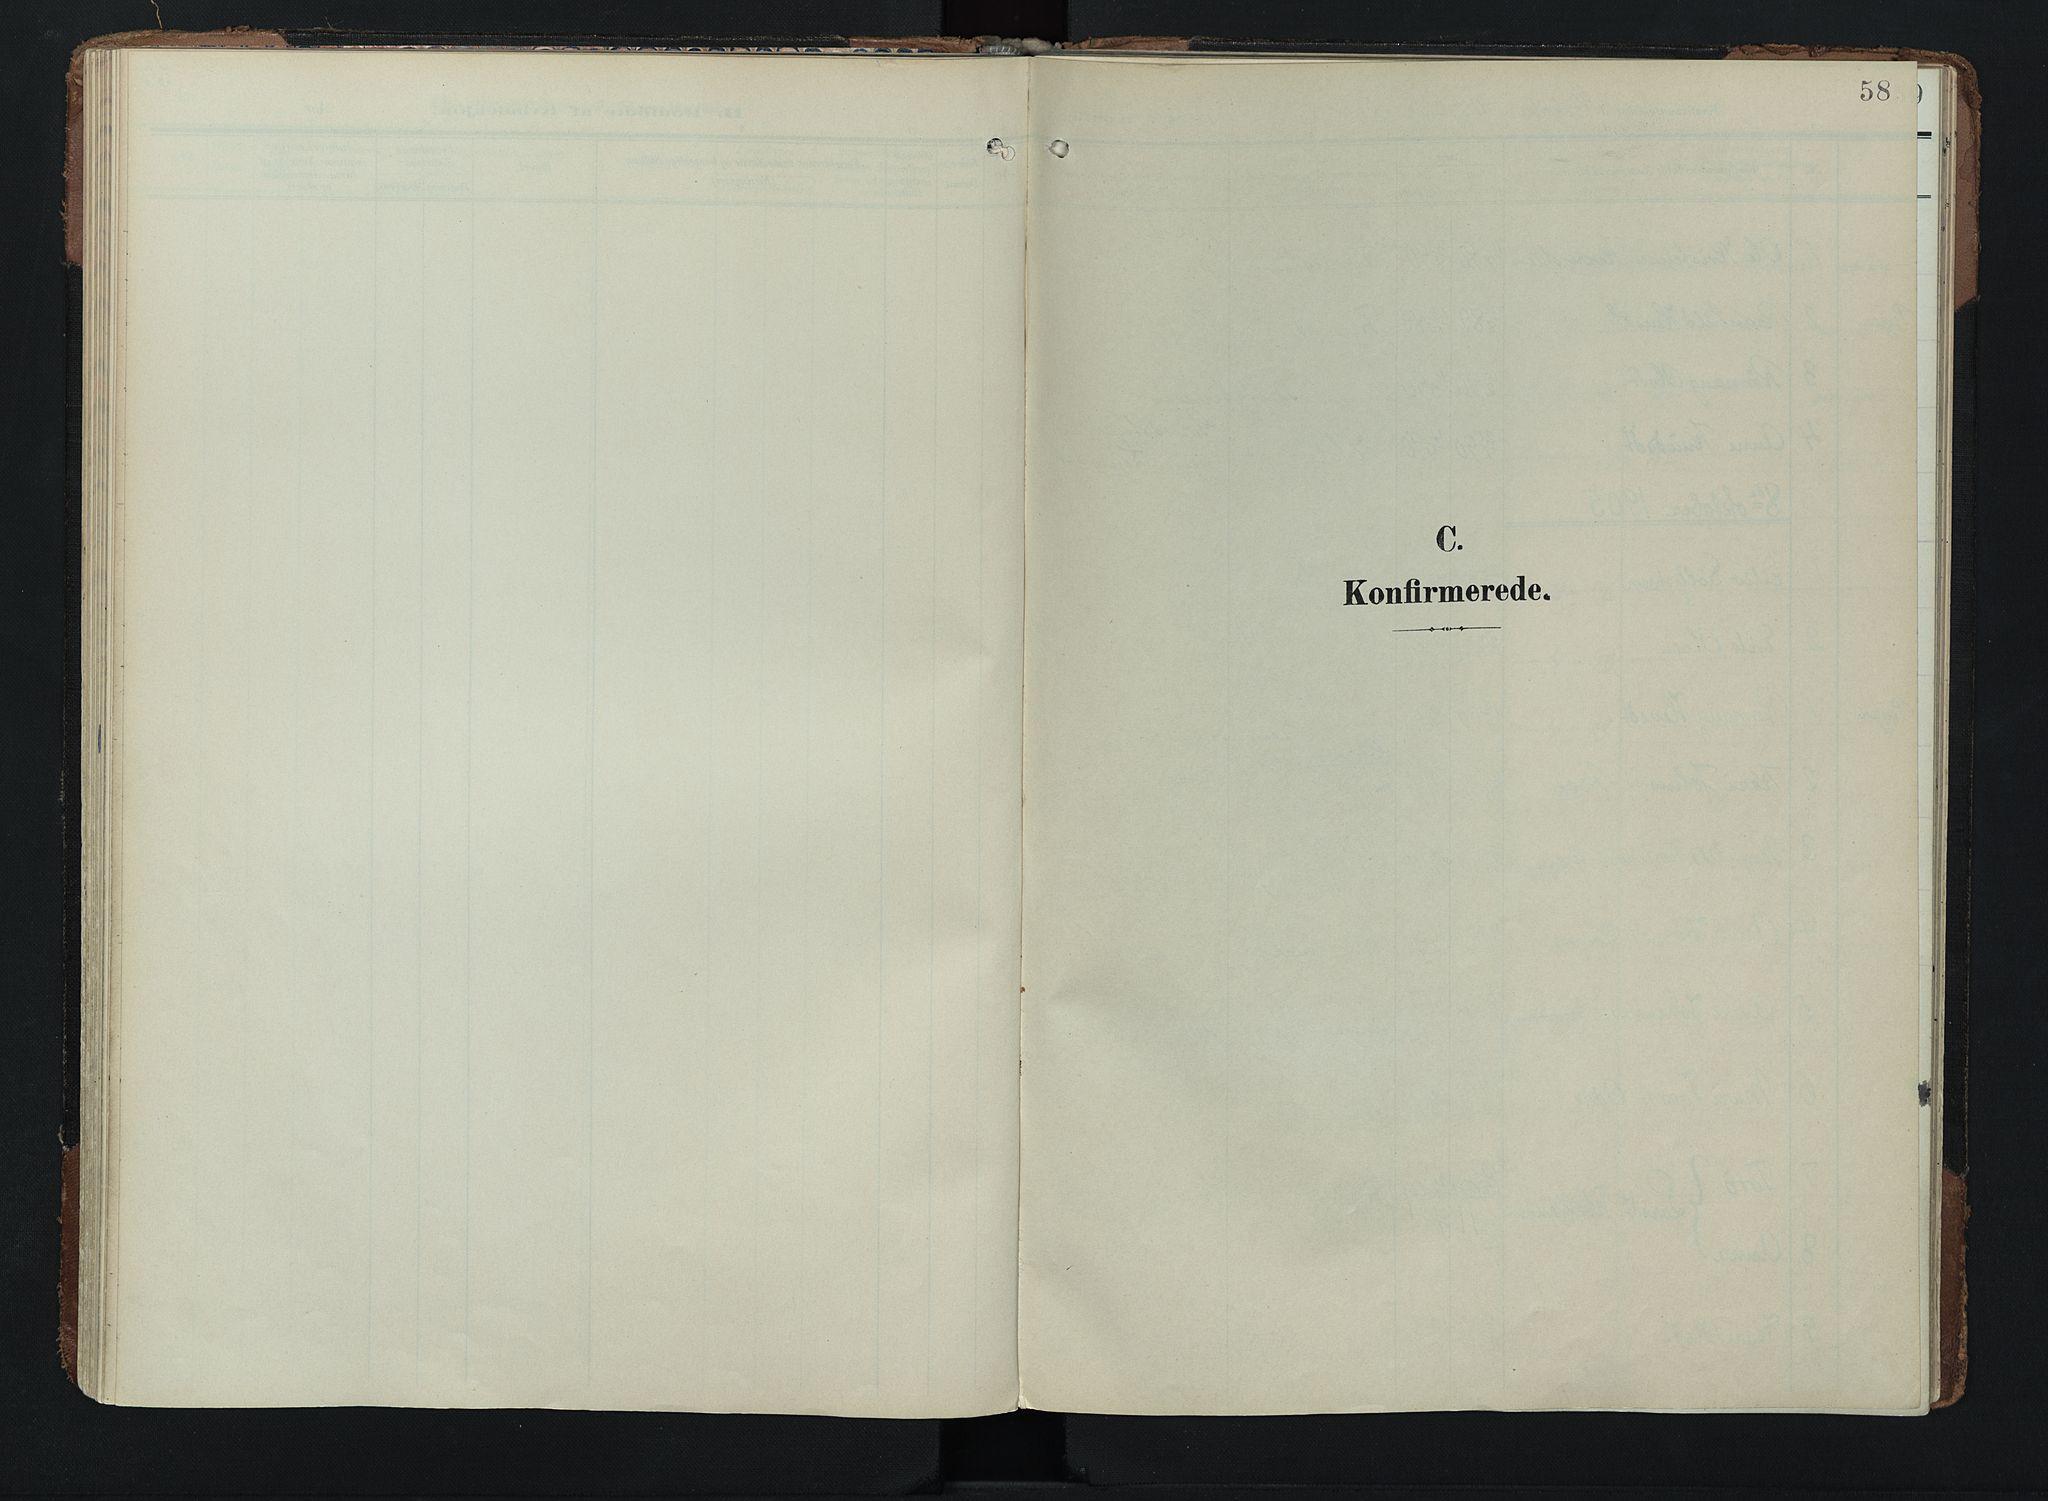 SAH, Lom prestekontor, K/L0011: Ministerialbok nr. 11, 1904-1928, s. 58